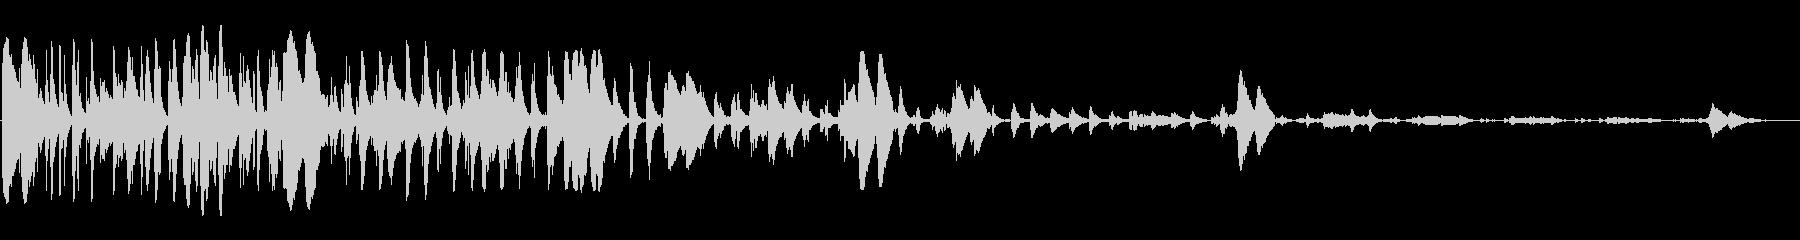 浮遊感の有る近未来的な電子音のループの未再生の波形